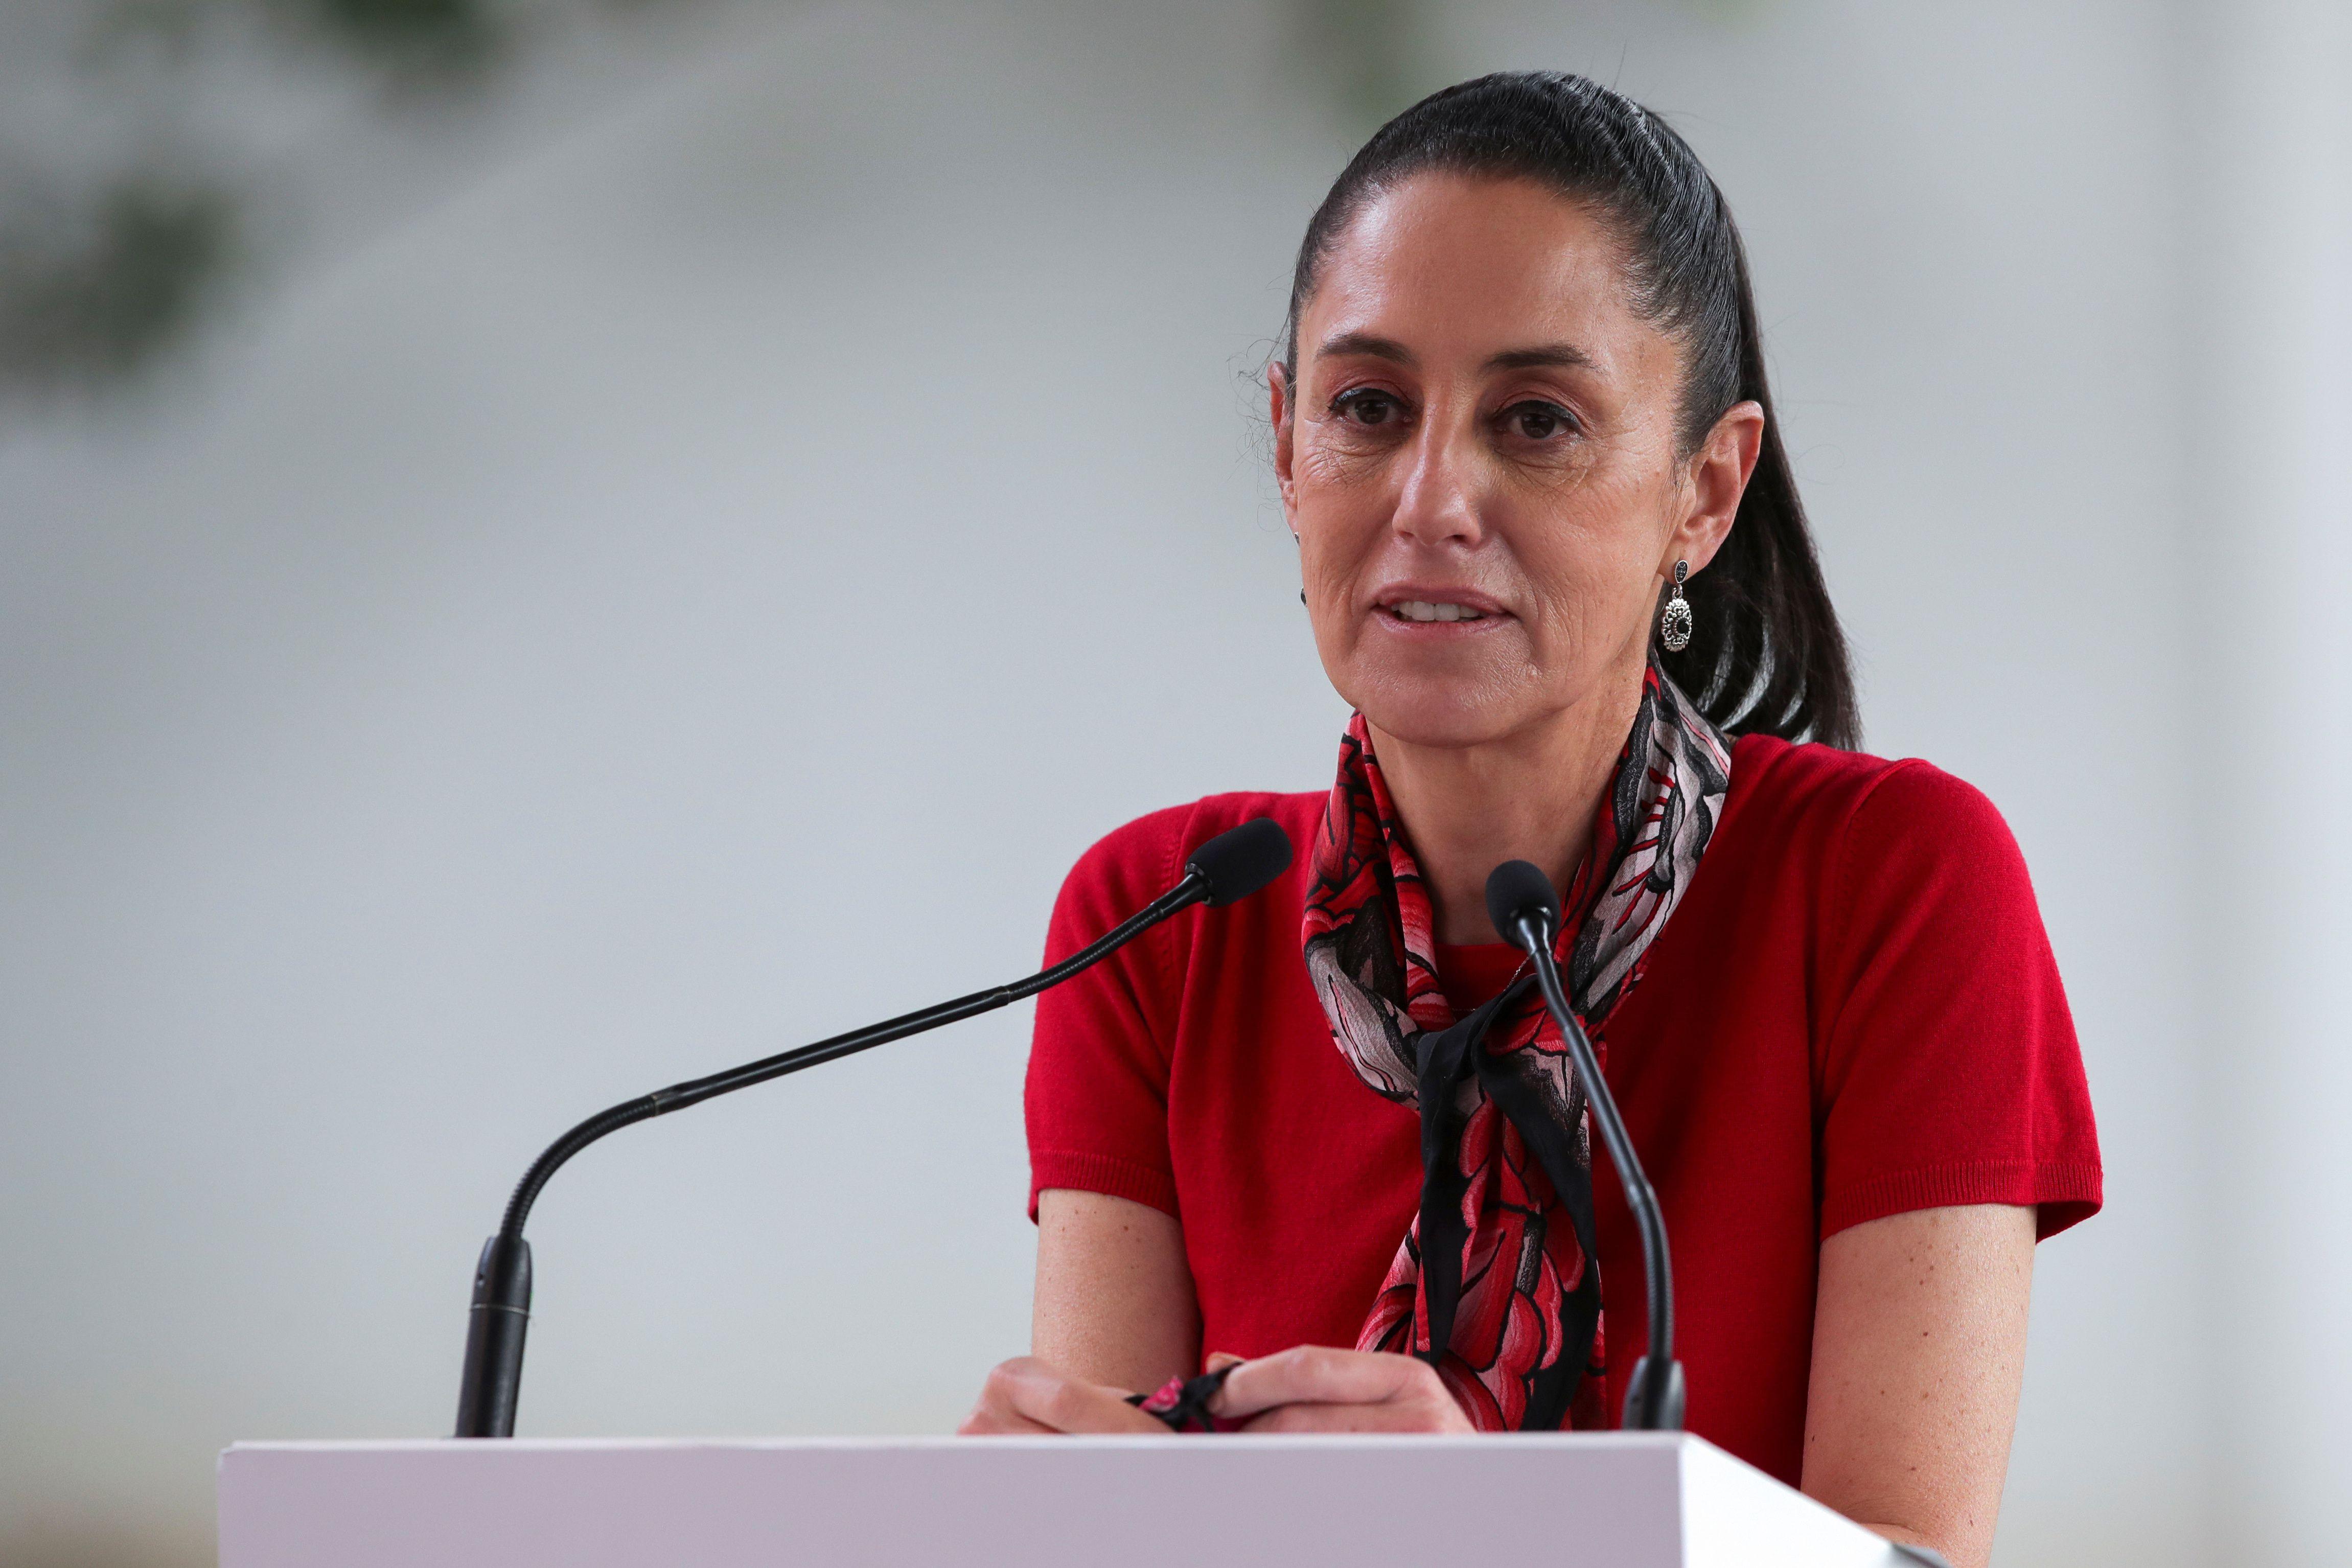 Sheinbaum Pardo aseguró que la decisión se tomó de forma unánime por el Comité de Monumentos y Obras Artísticas en Espacios Públicos (Foto: Reuters / Henry Romero)